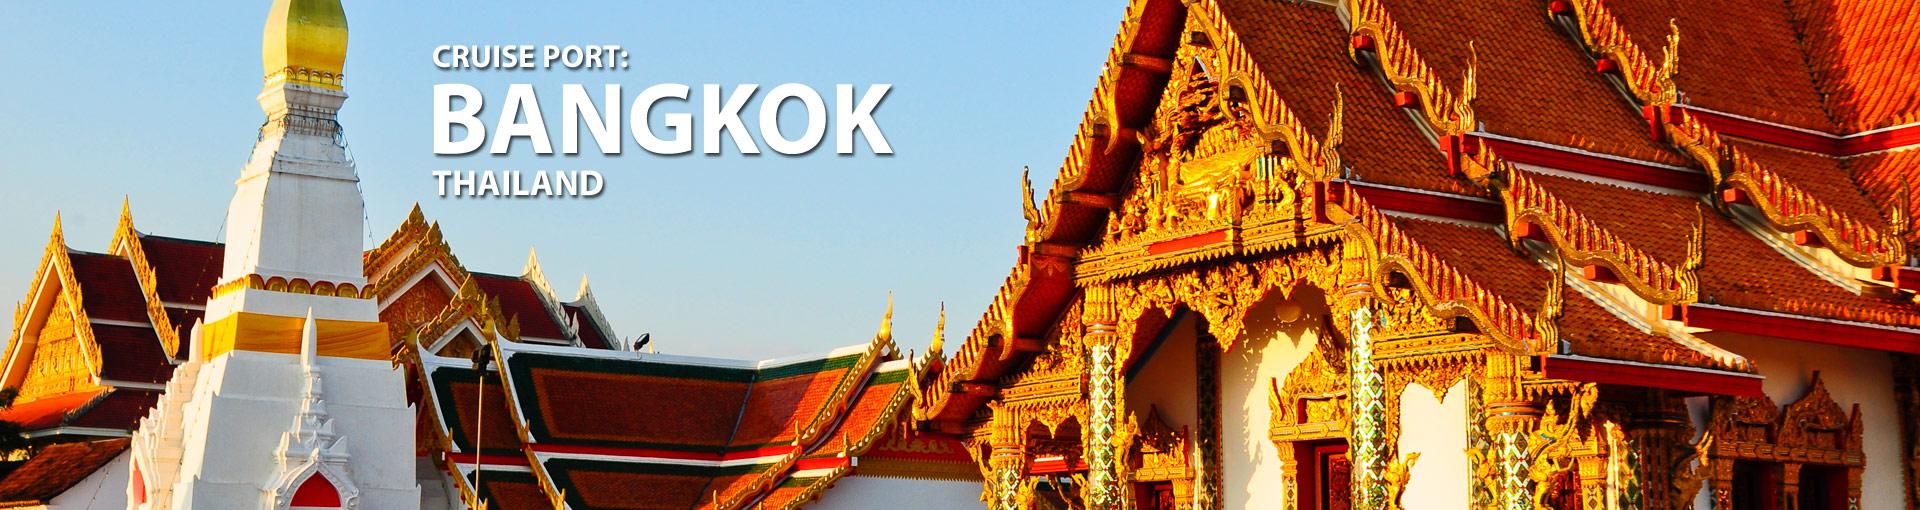 Cruises from Bangkok, Thailand